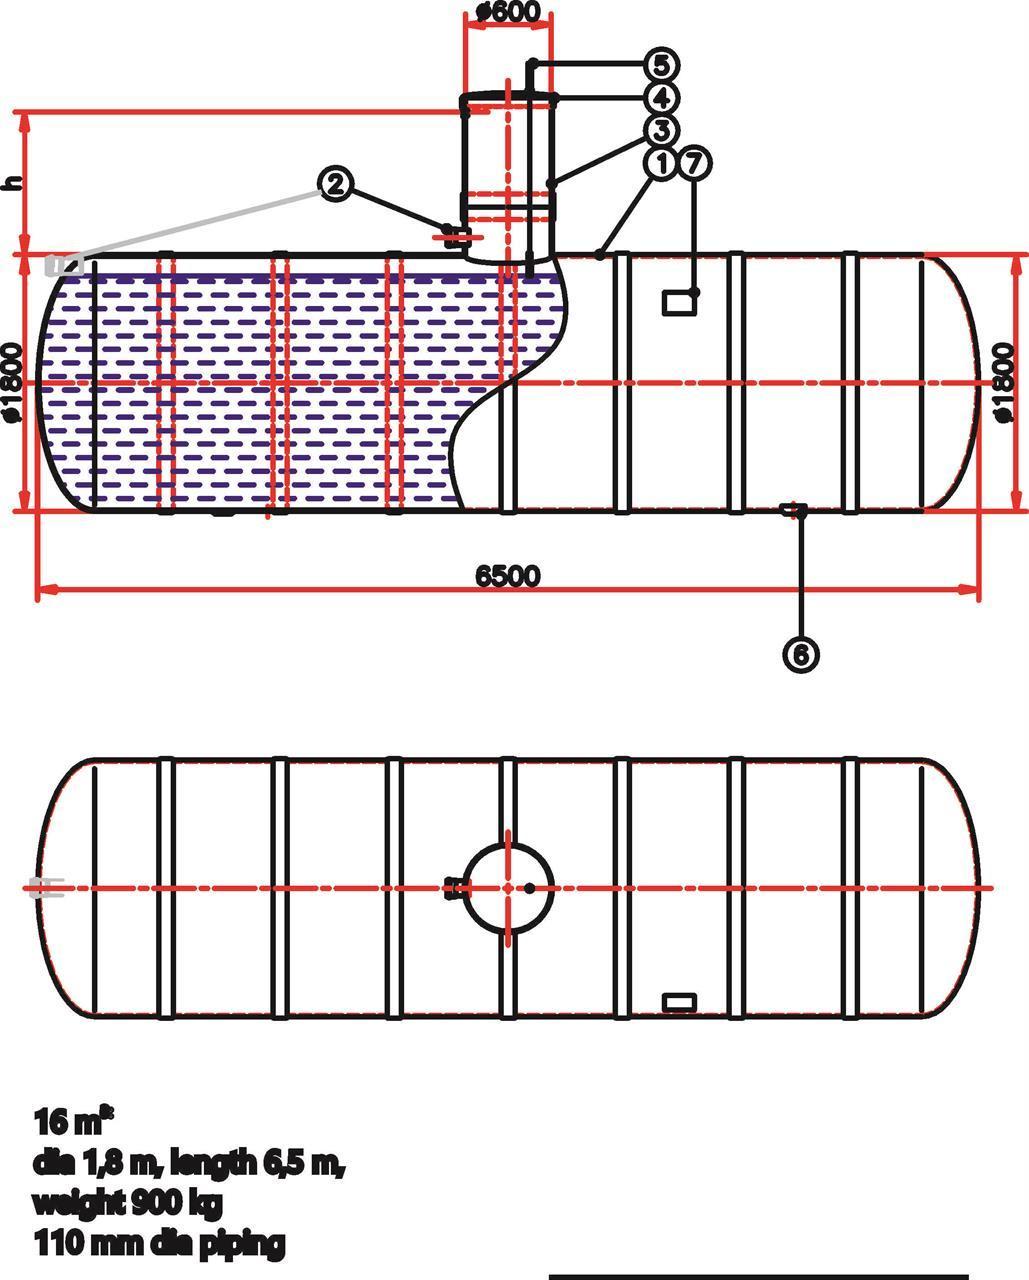 Umpisäiliö 16 m3 - D 1,8 m, L 6,5 m